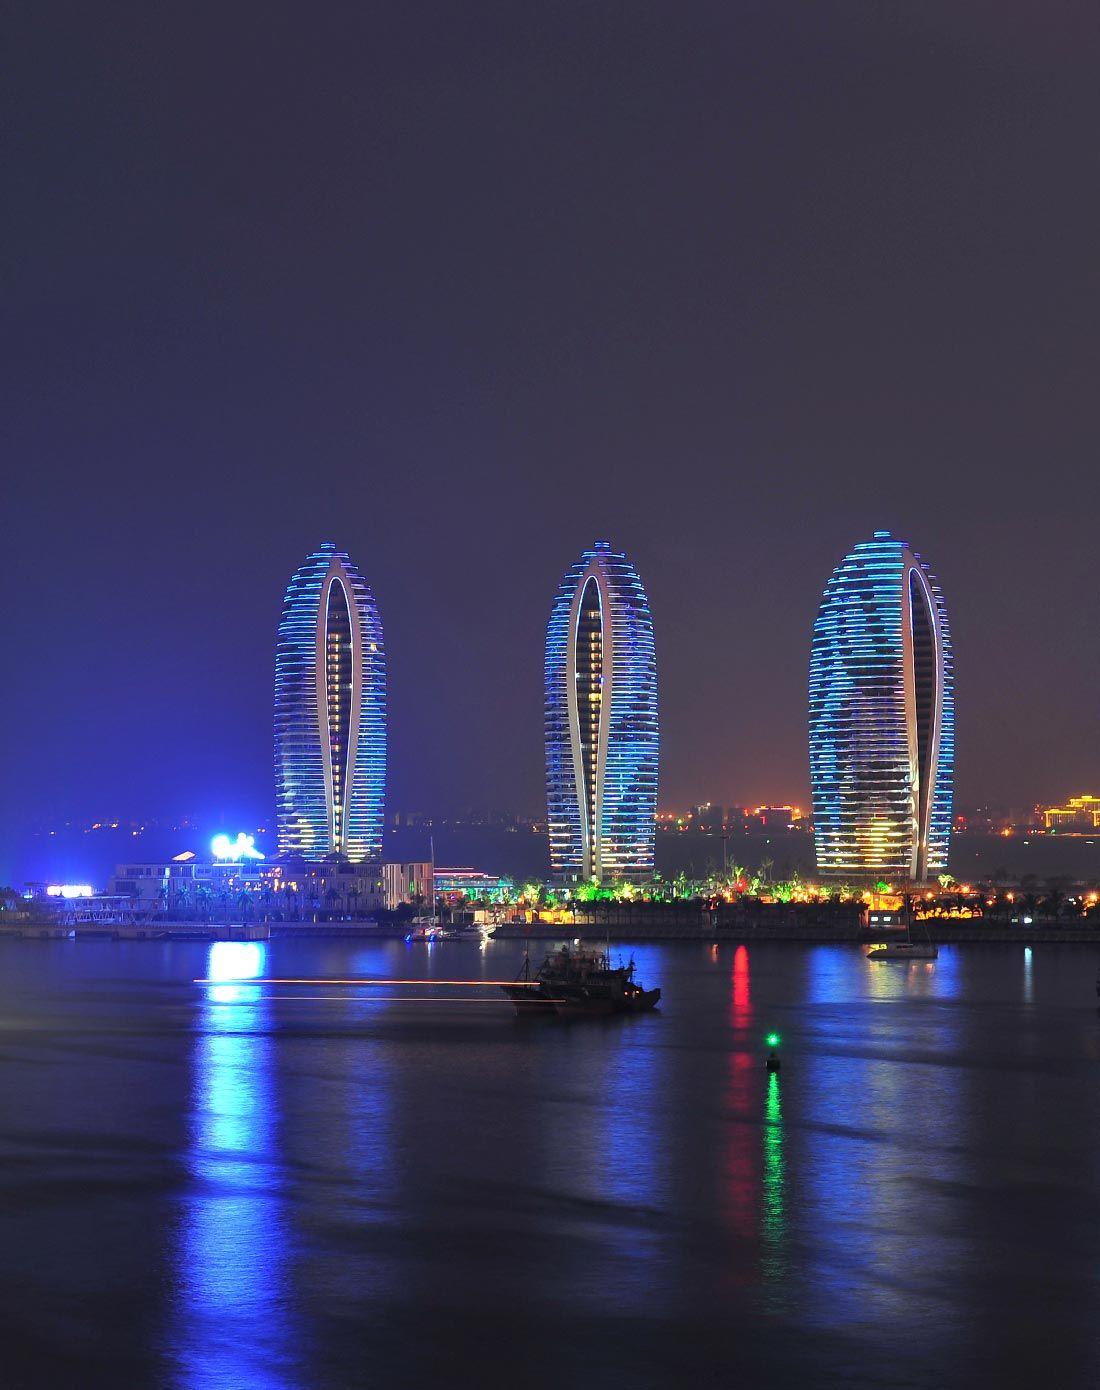 三亚凤凰岛度假酒店1晚四人行 早餐 鸡尾酒2杯5553(四人行有效期至201